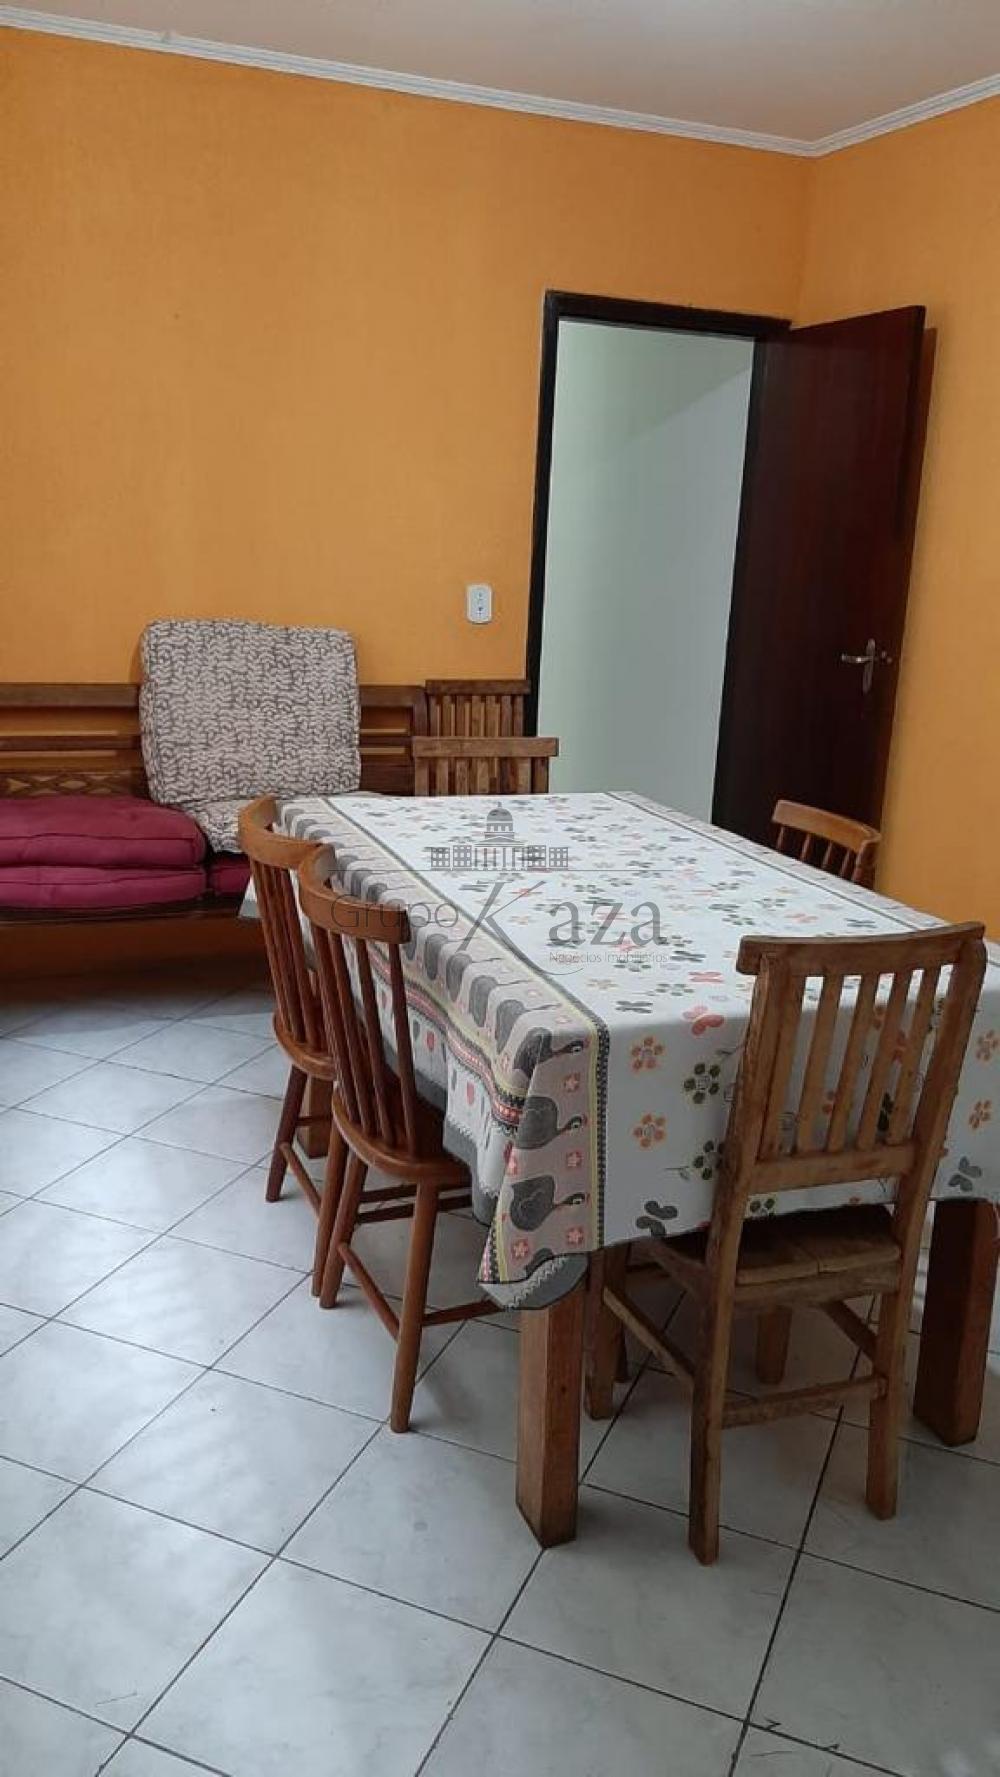 alt='Comprar Casa / Padrão em São José dos Campos R$ 320.000,00 - Foto 4' title='Comprar Casa / Padrão em São José dos Campos R$ 320.000,00 - Foto 4'